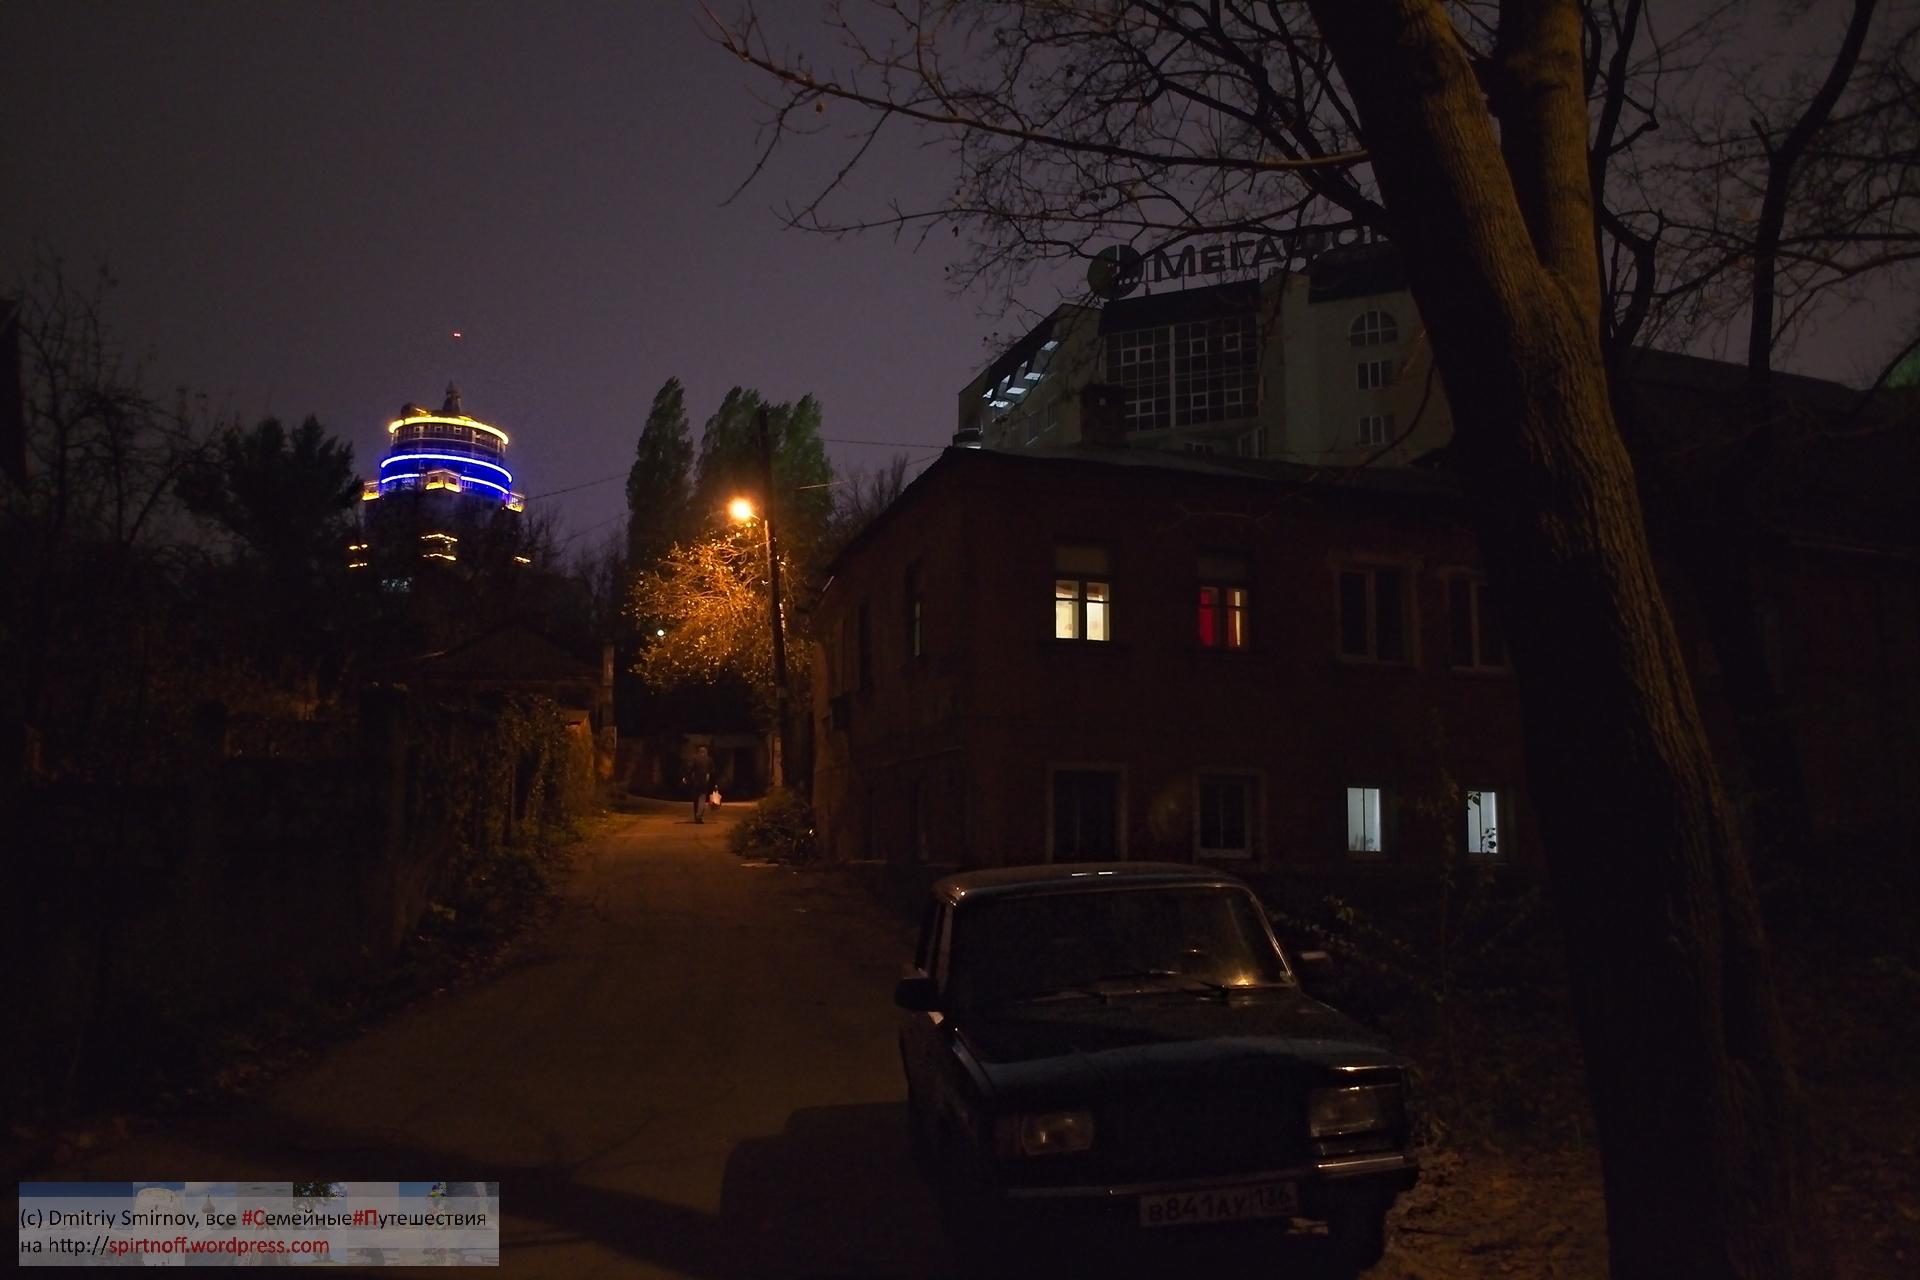 DSC_8857-190-Blog-150 Путешествия  Воронеж. Портал в соседнее измерение